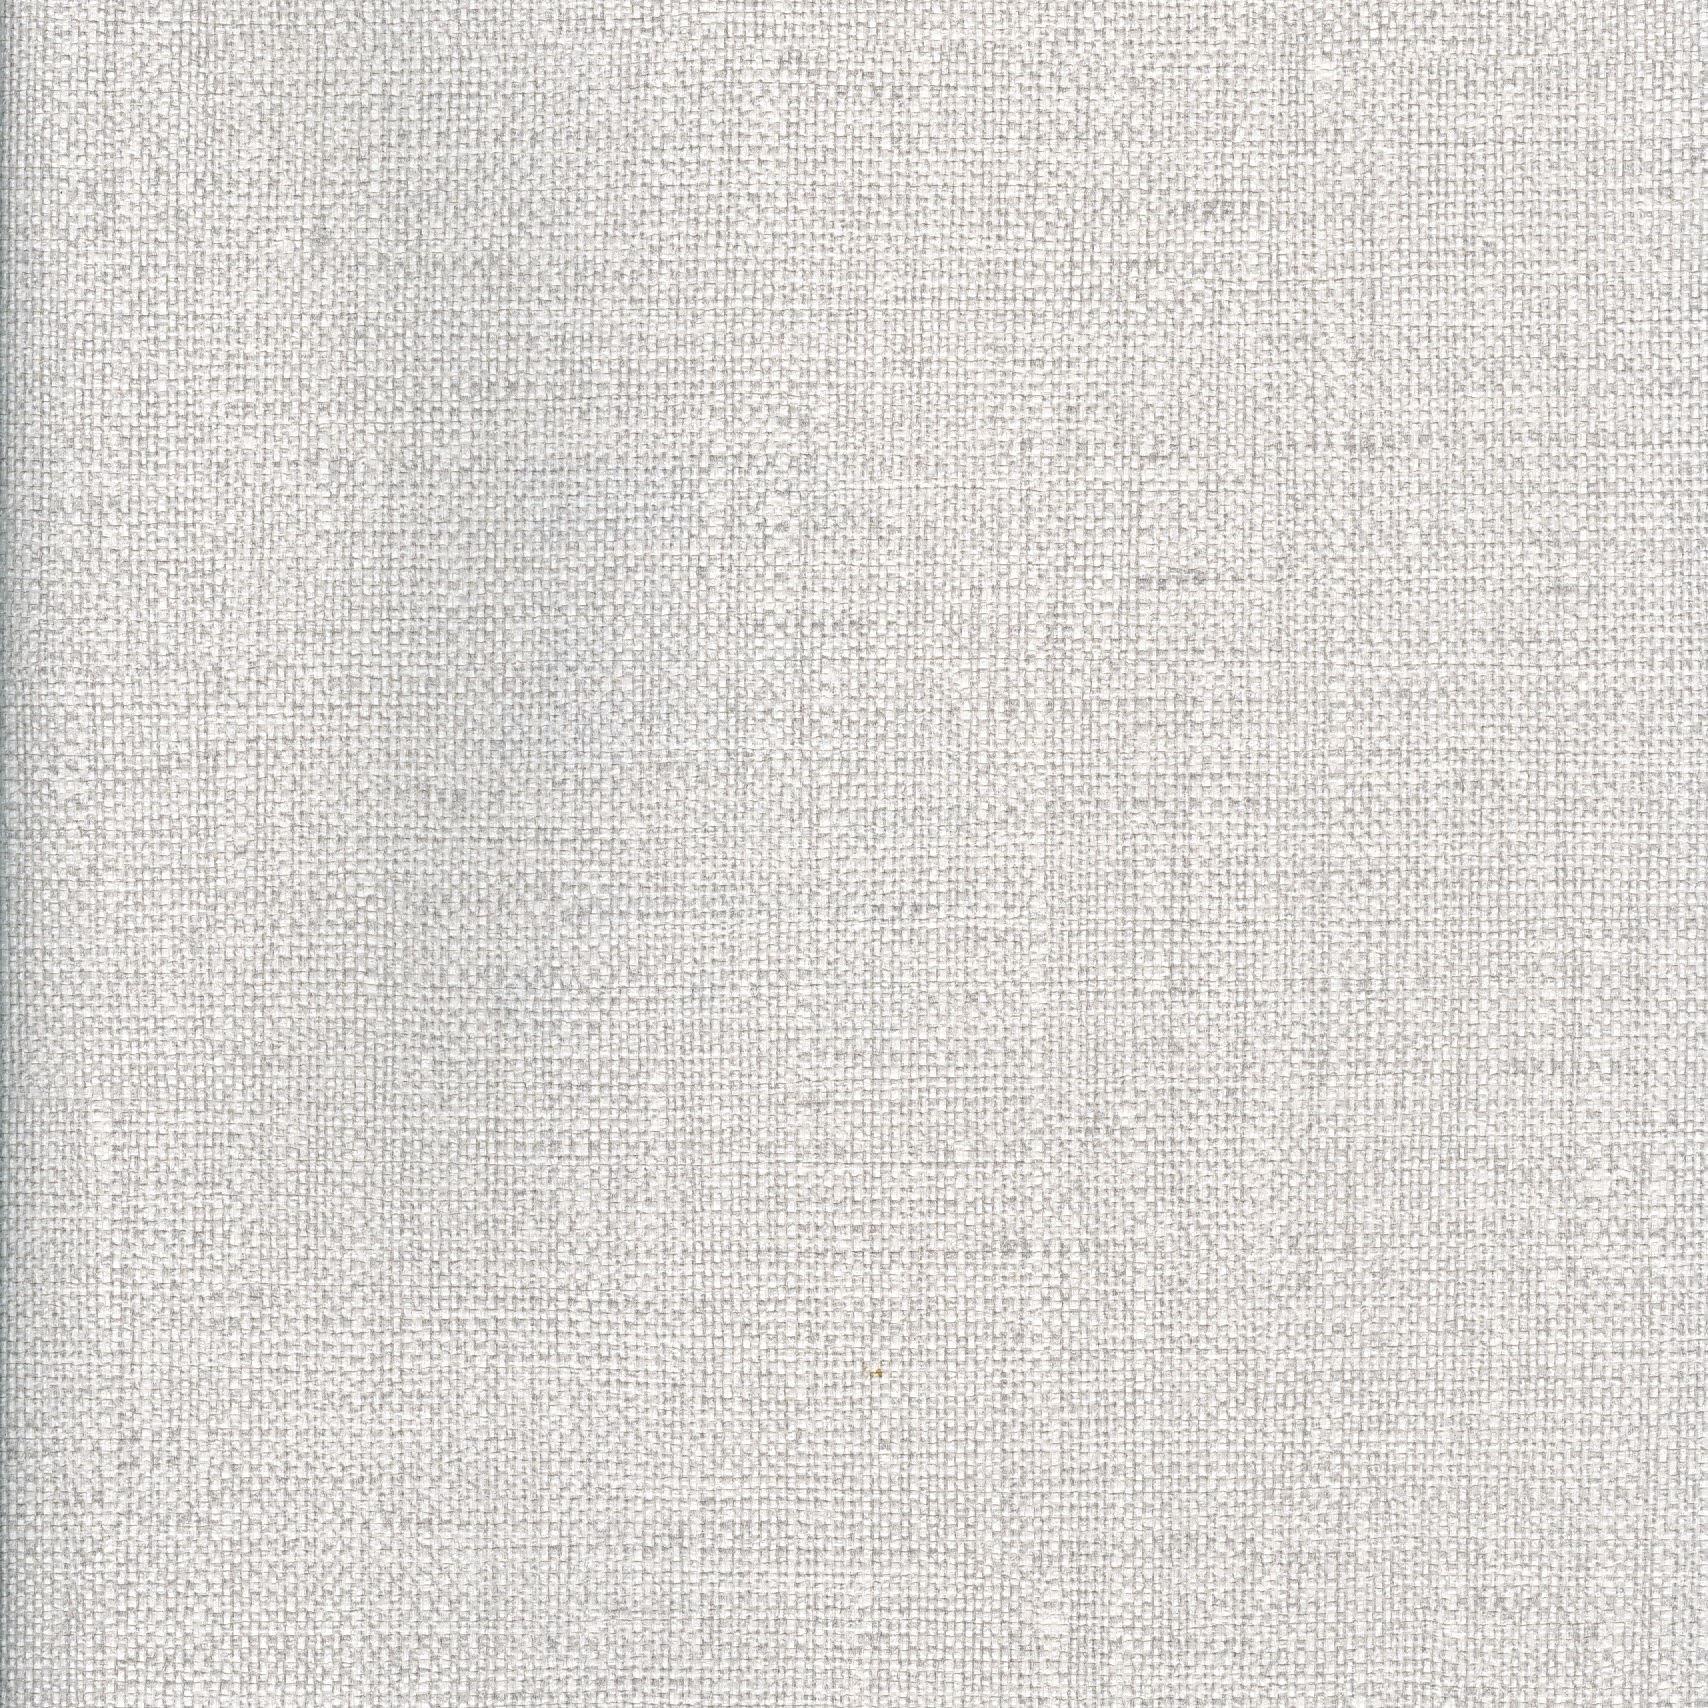 Papel de Parede Pure 2 Aspecto Têxtil 187304 - Rolo: 10m x 0,53m